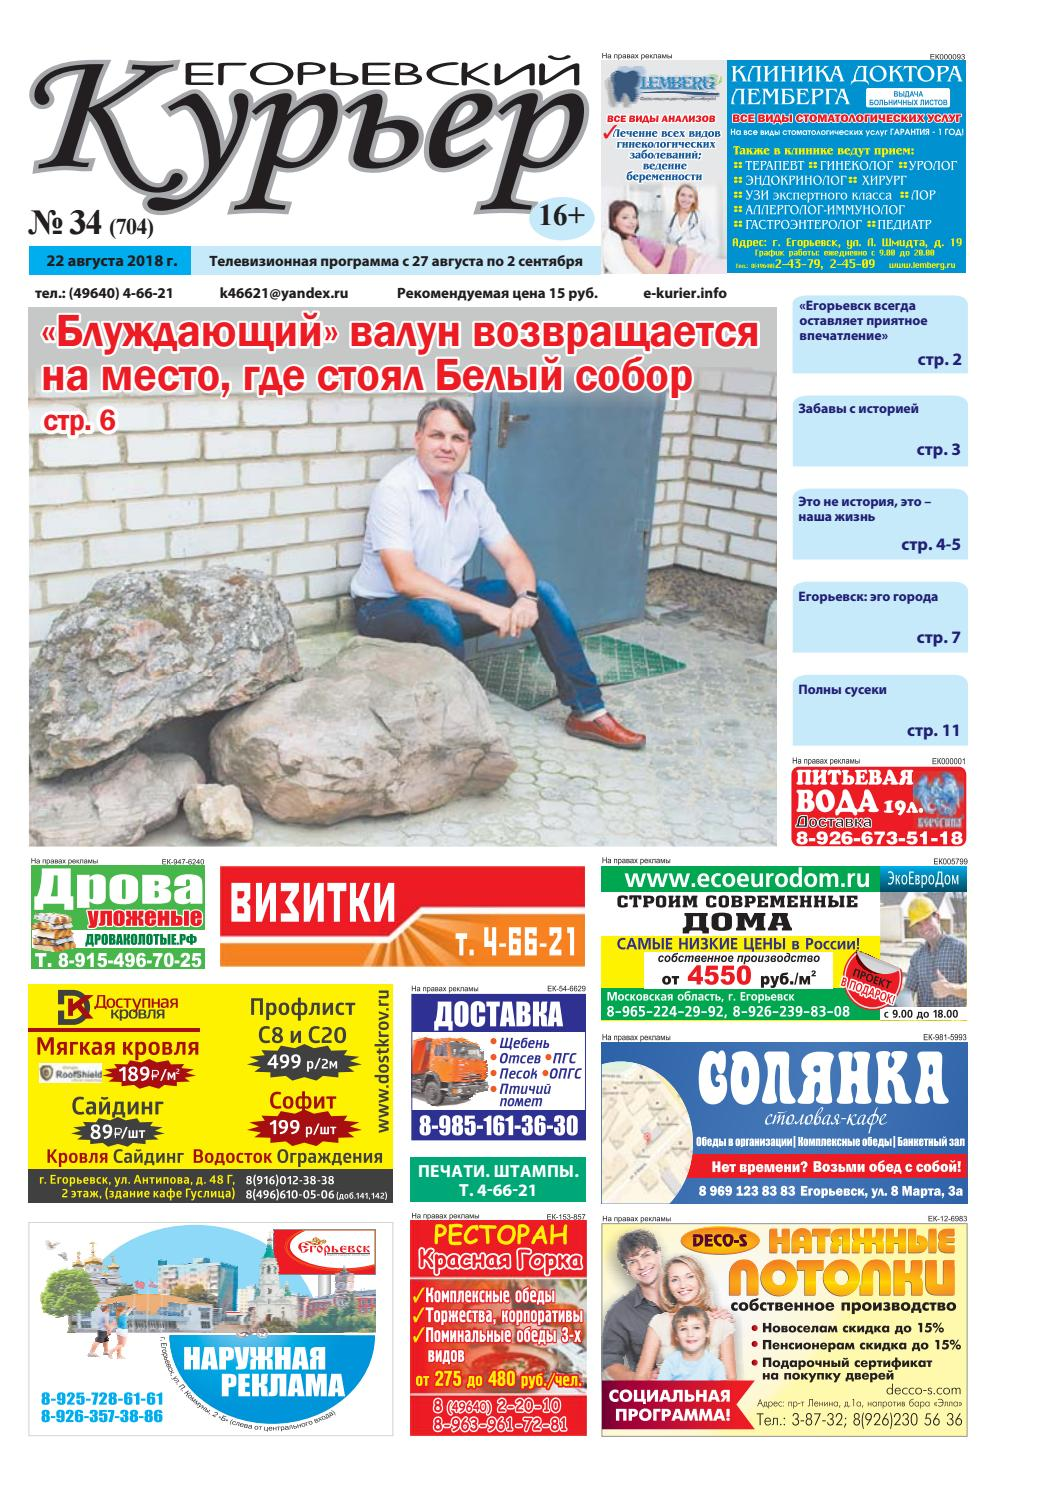 Дорвеи на сайты Егорьевская улица раскрутка сайта с гарантией Улица Адмирала Лазарева